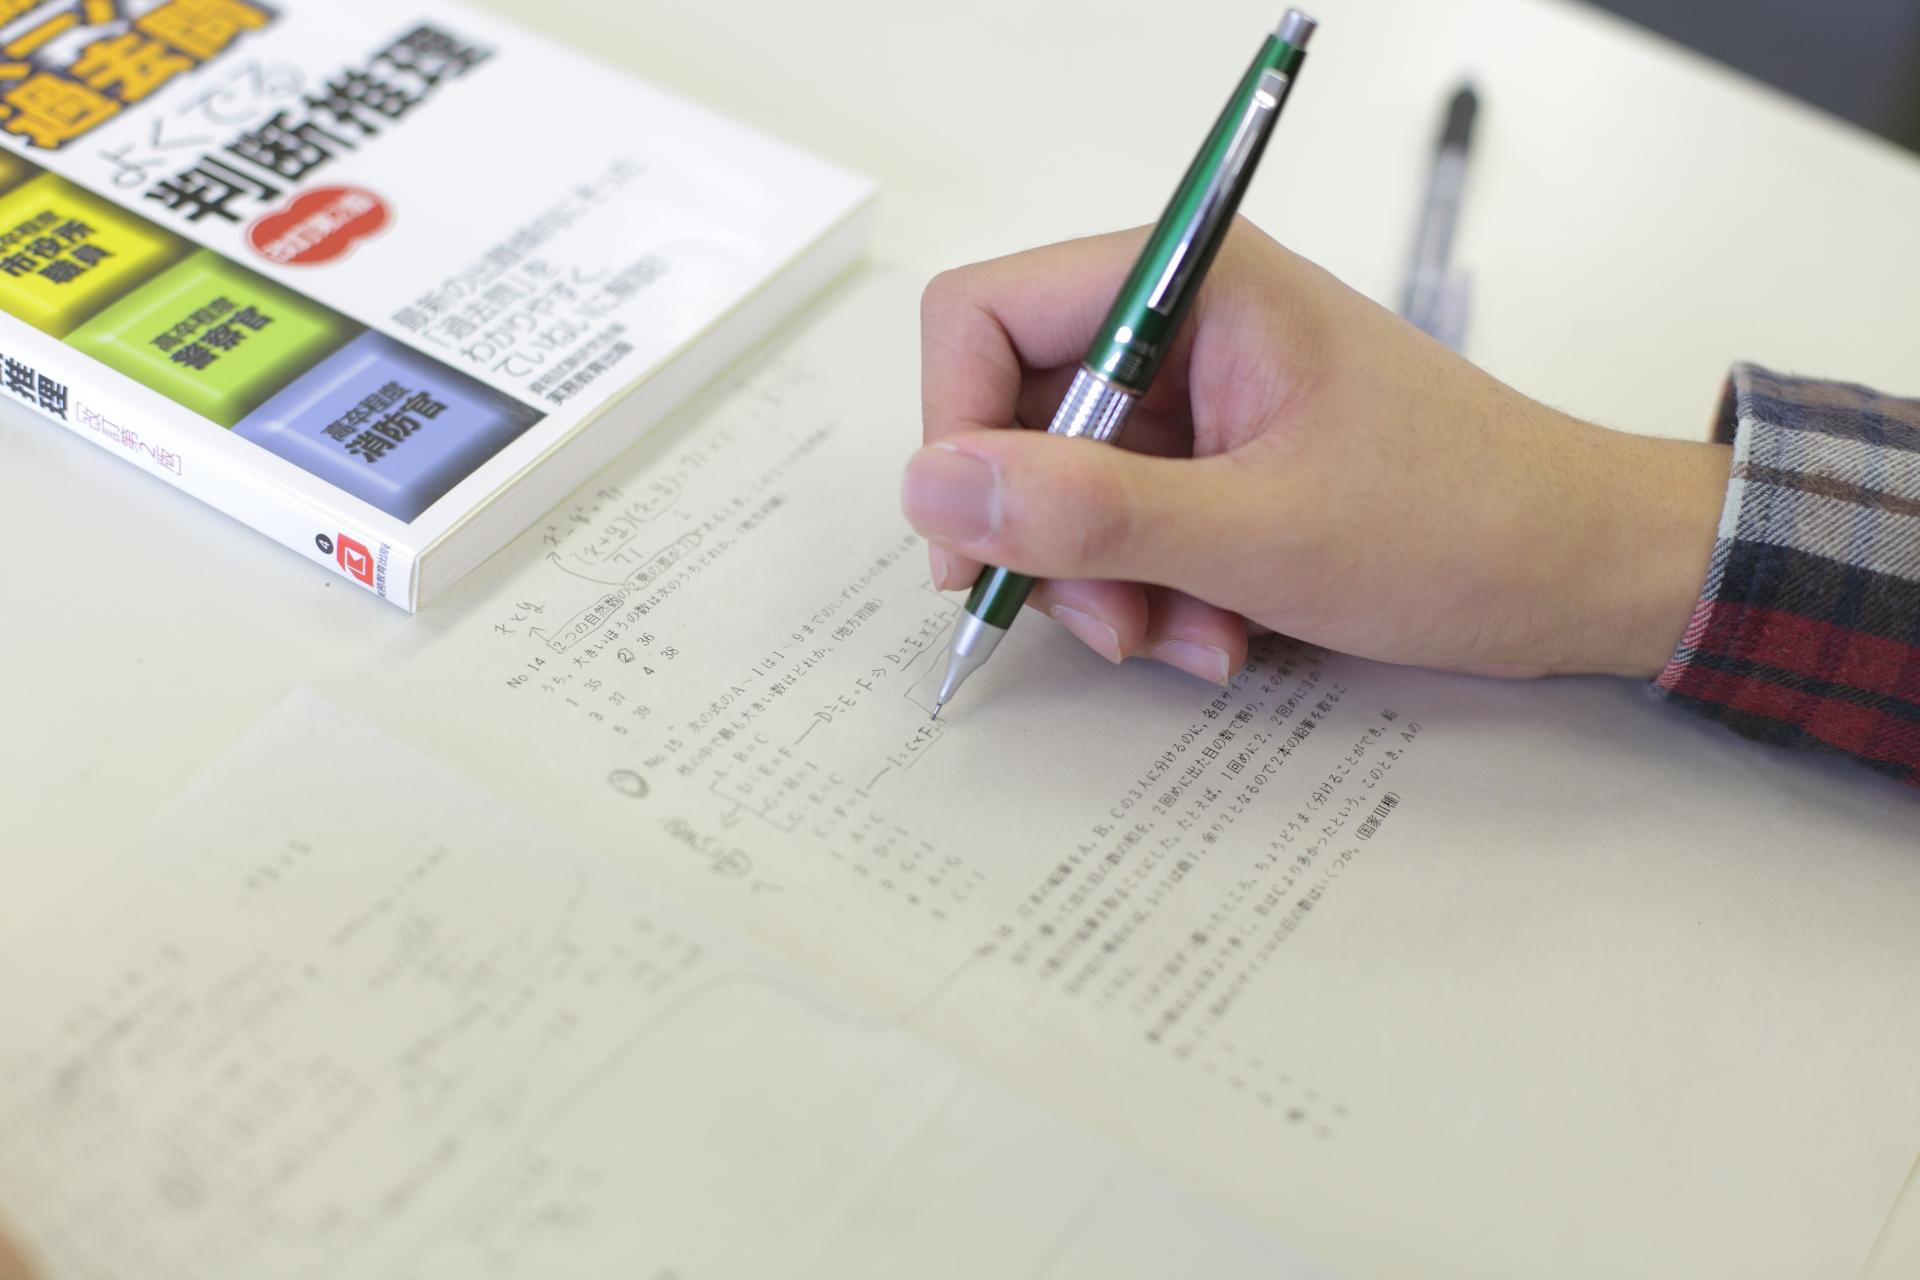 公務員試験に勉強が間に合わない!今からできる勉強法